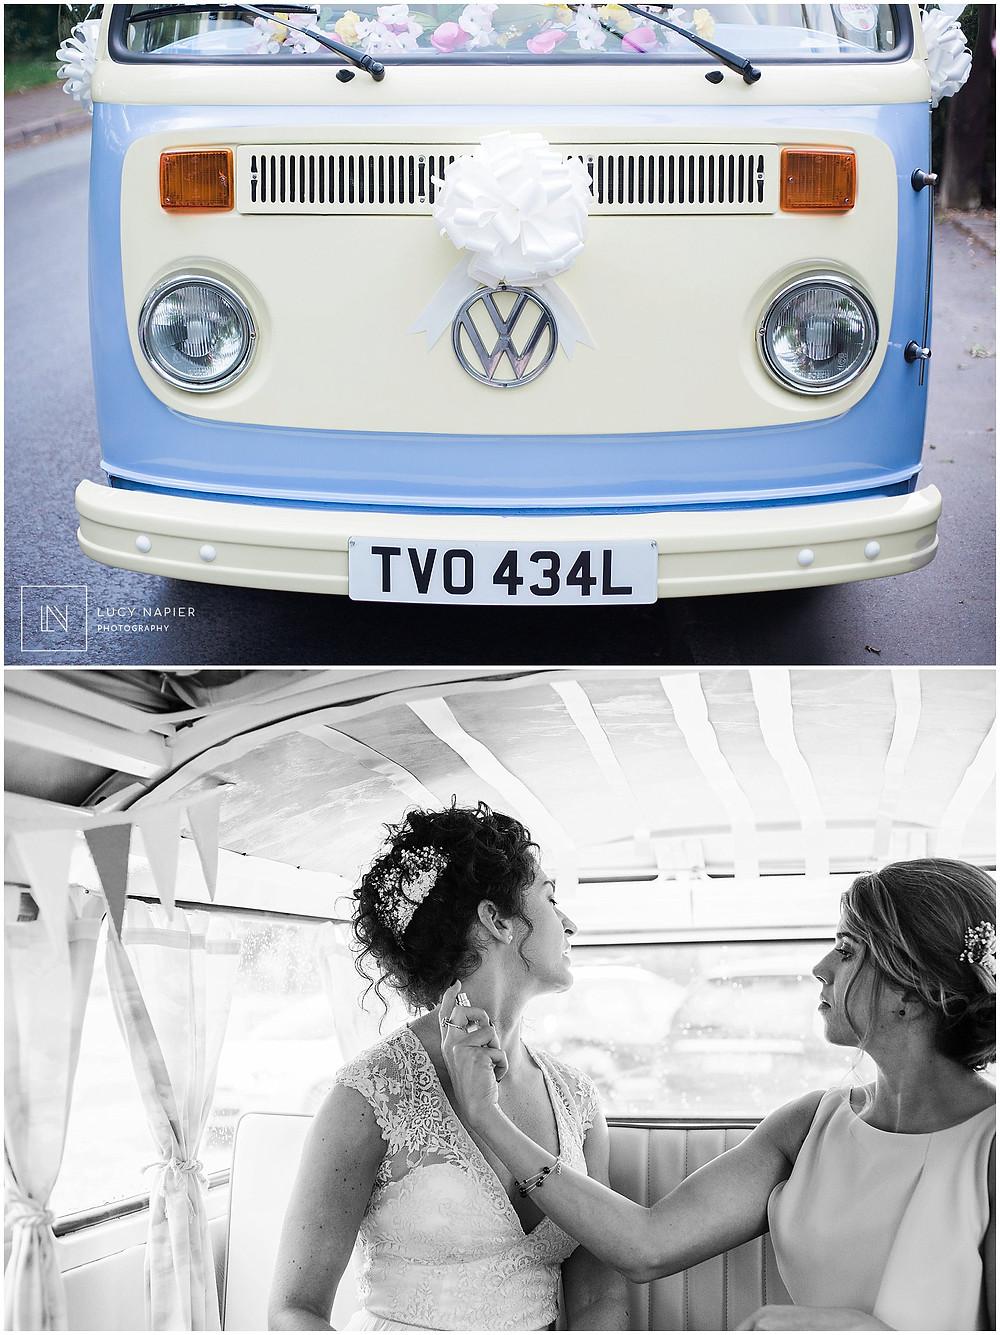 Bruce the vintage Volkswagen Camper van